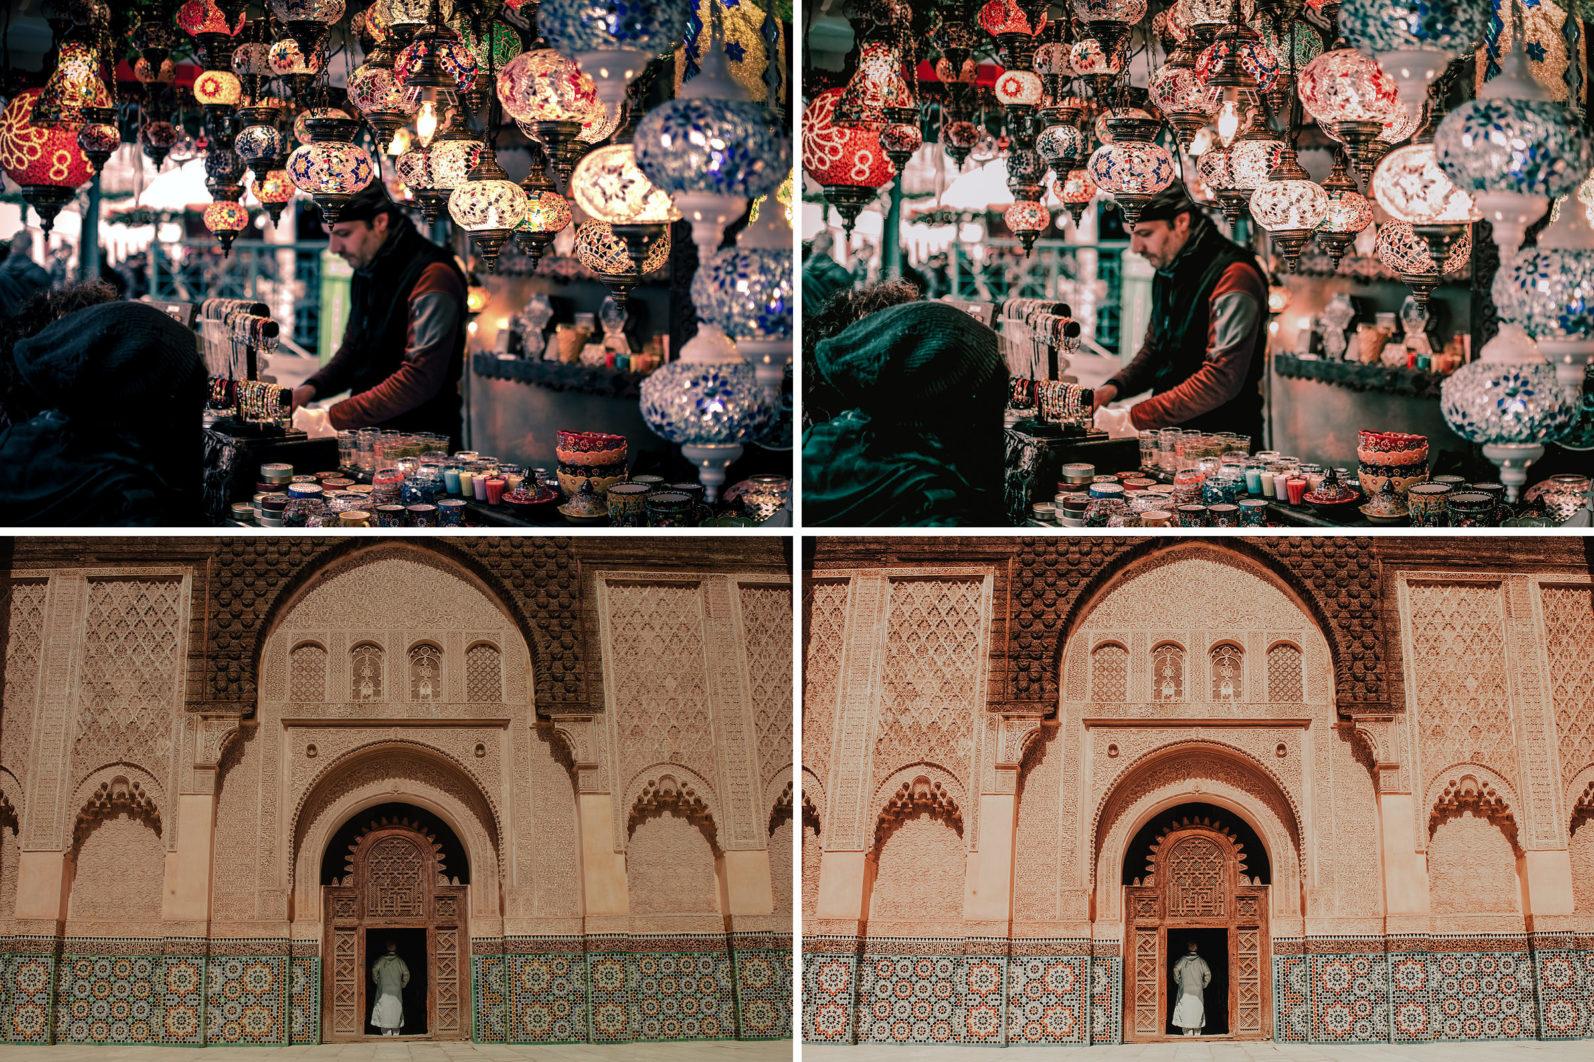 55. Marocco Life - 55.MARROCO LIFE 8 -